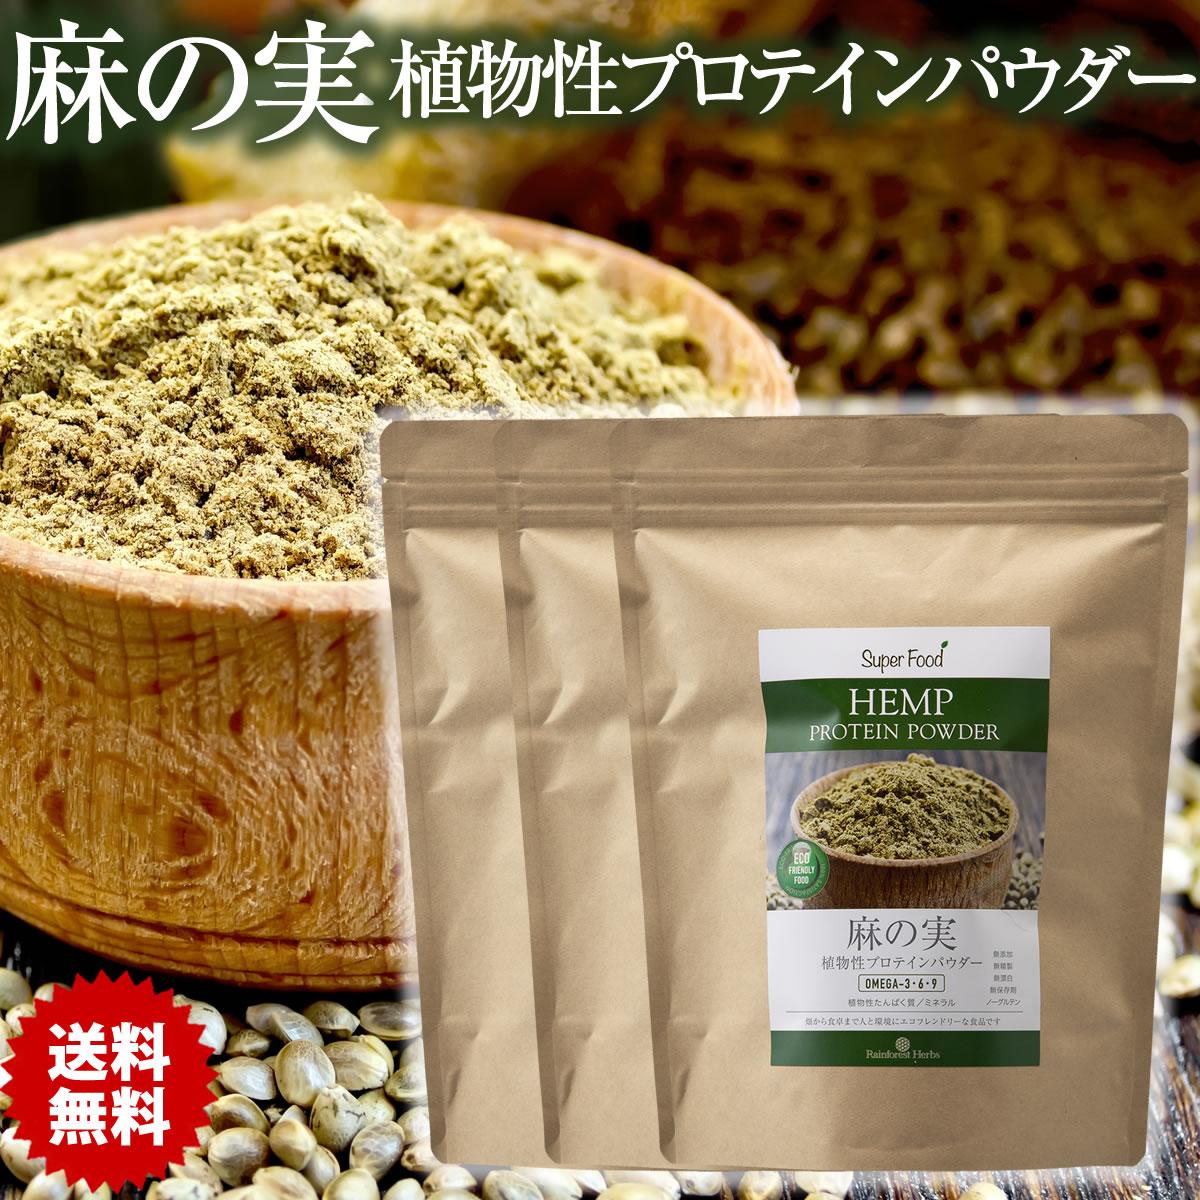 麻の実パウダー ヘンプパウダー 植物性プロテインパウダー 500g 3袋 リトアニア産 Hemp Protein Powder